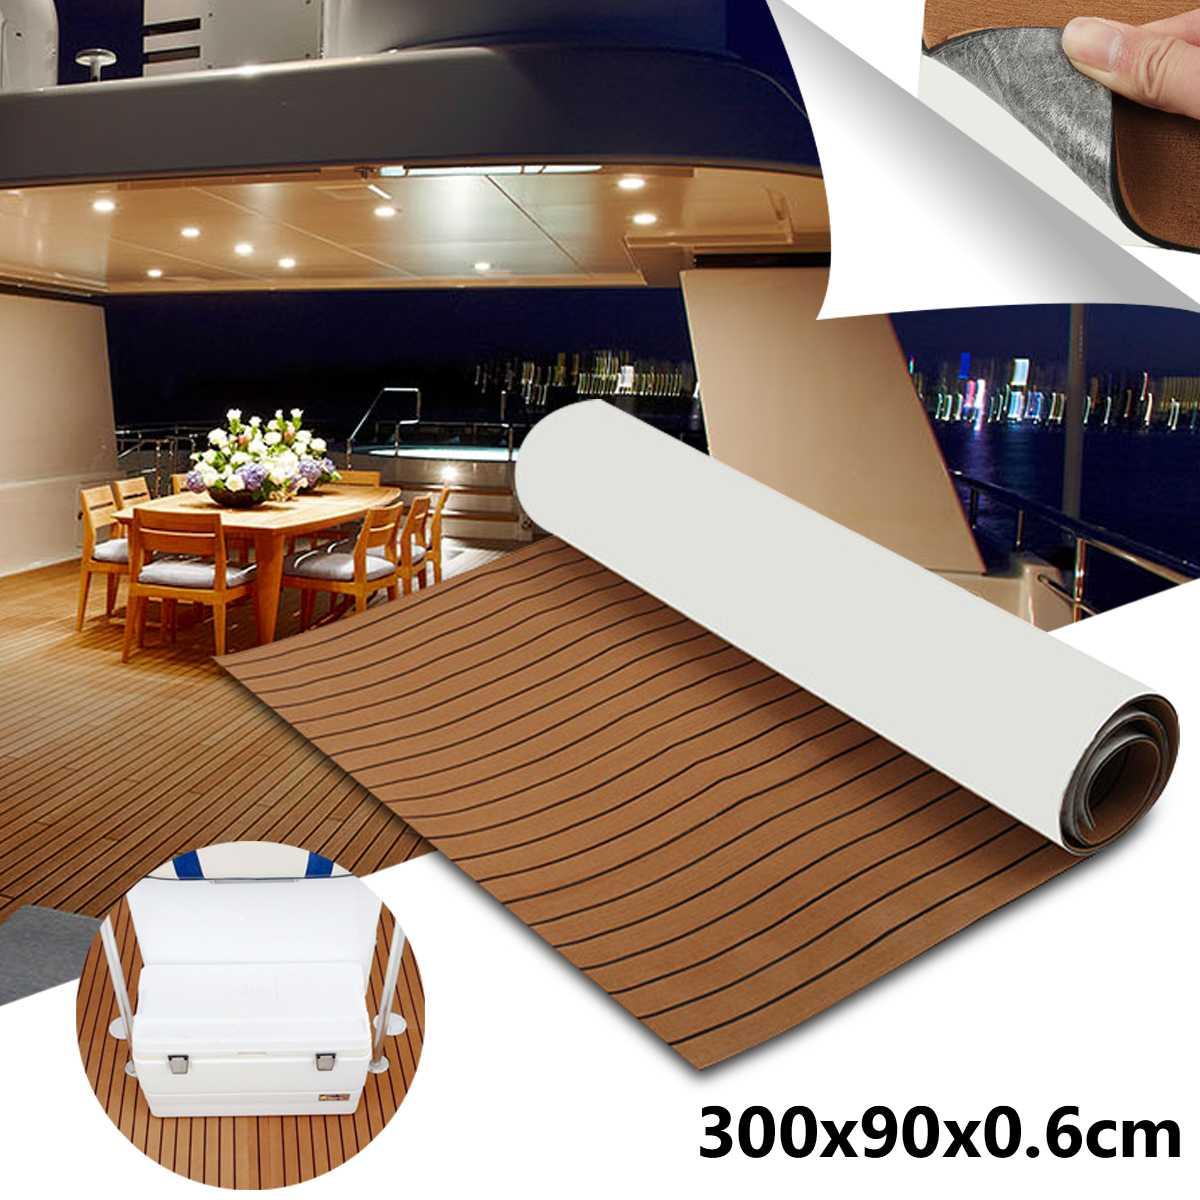 1 rotolo di 3000x900mm 6mm Auto-Adesivo In Schiuma EVA Barca Yacht RV Caravan Marine Pavimenti In Faux teak Barca Decking Copriletto Pavimento Decor Zerbino